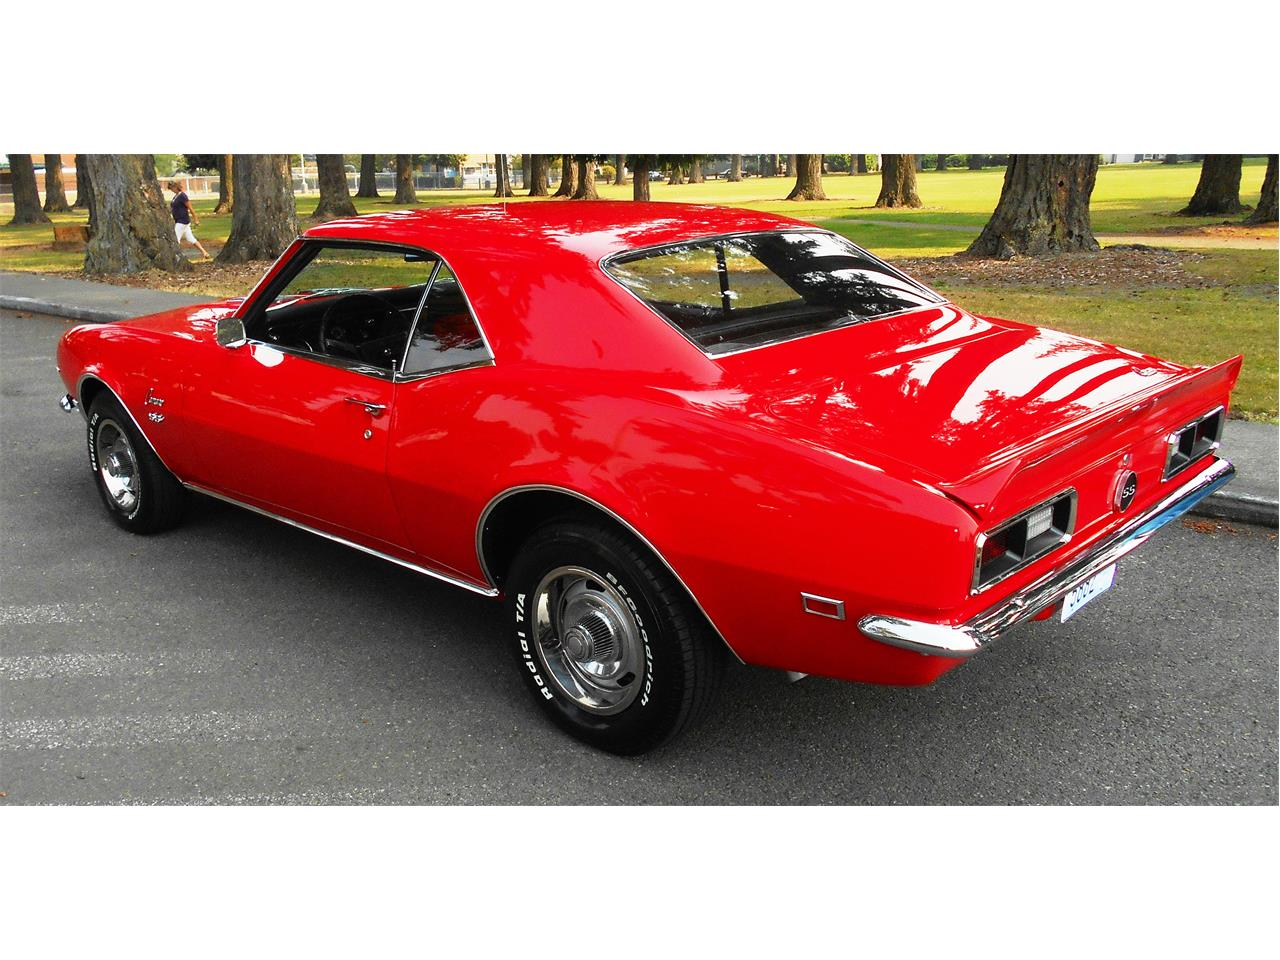 Large Picture of Classic '68 Camaro - $33,950.00 - OBAX